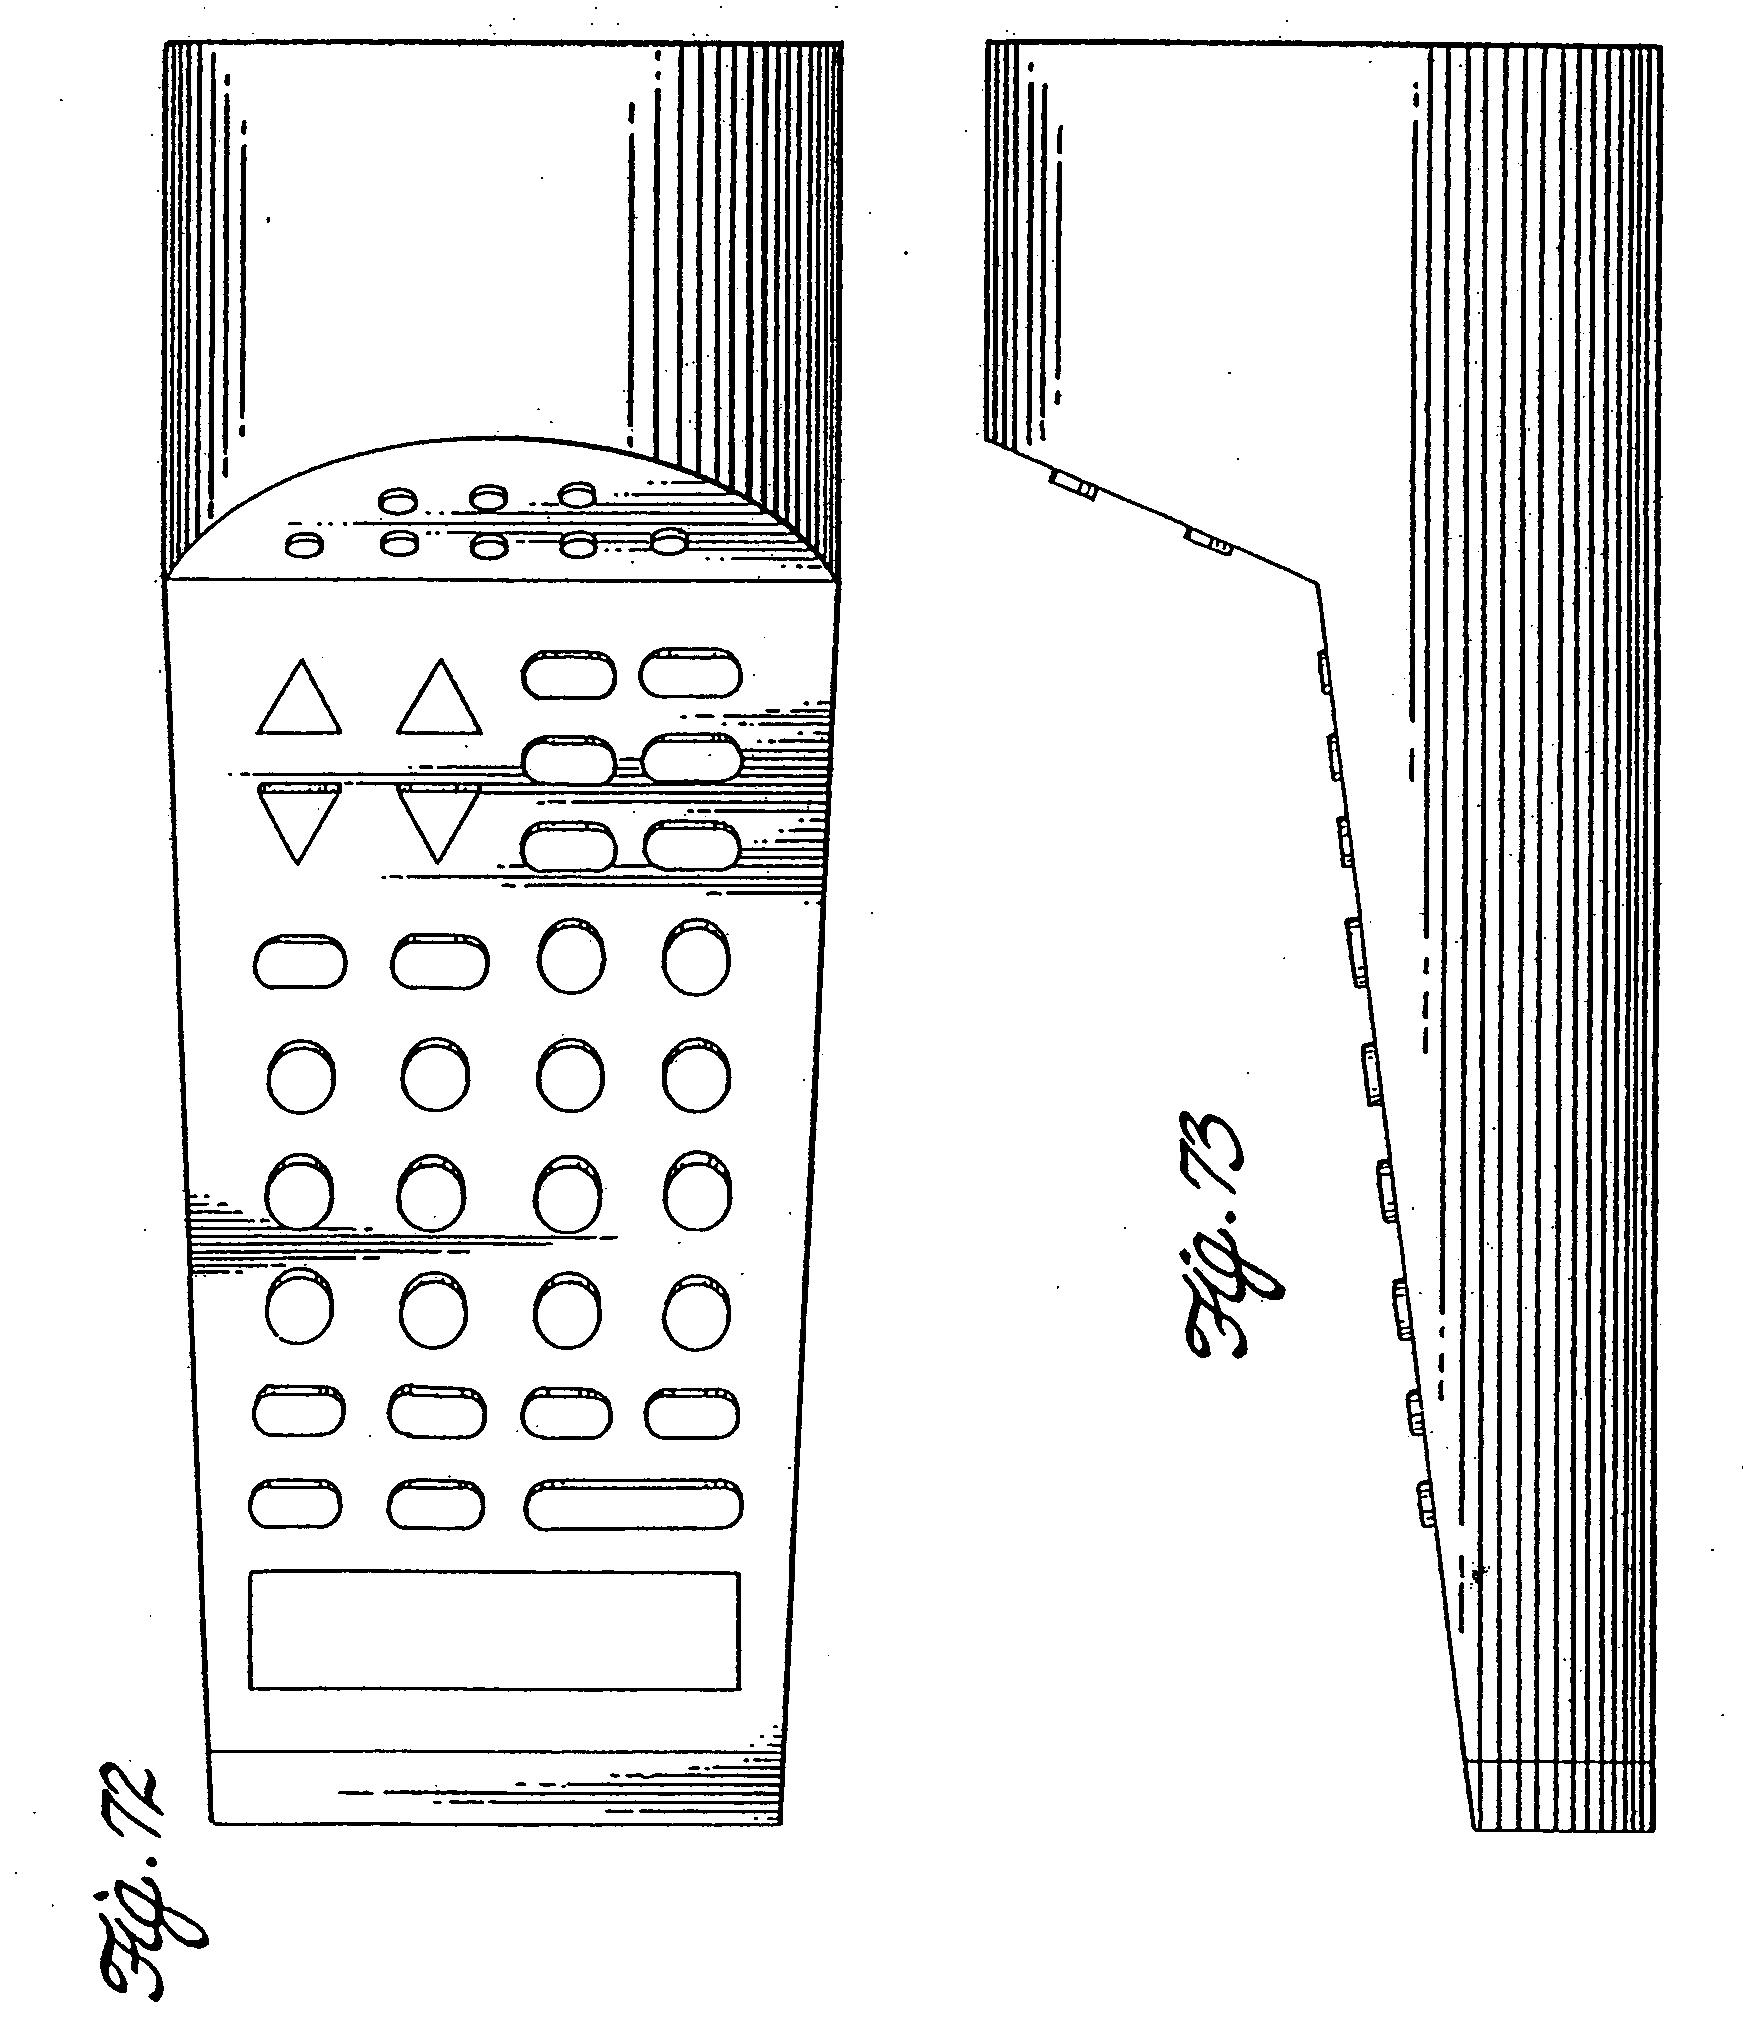 patent us20080188213